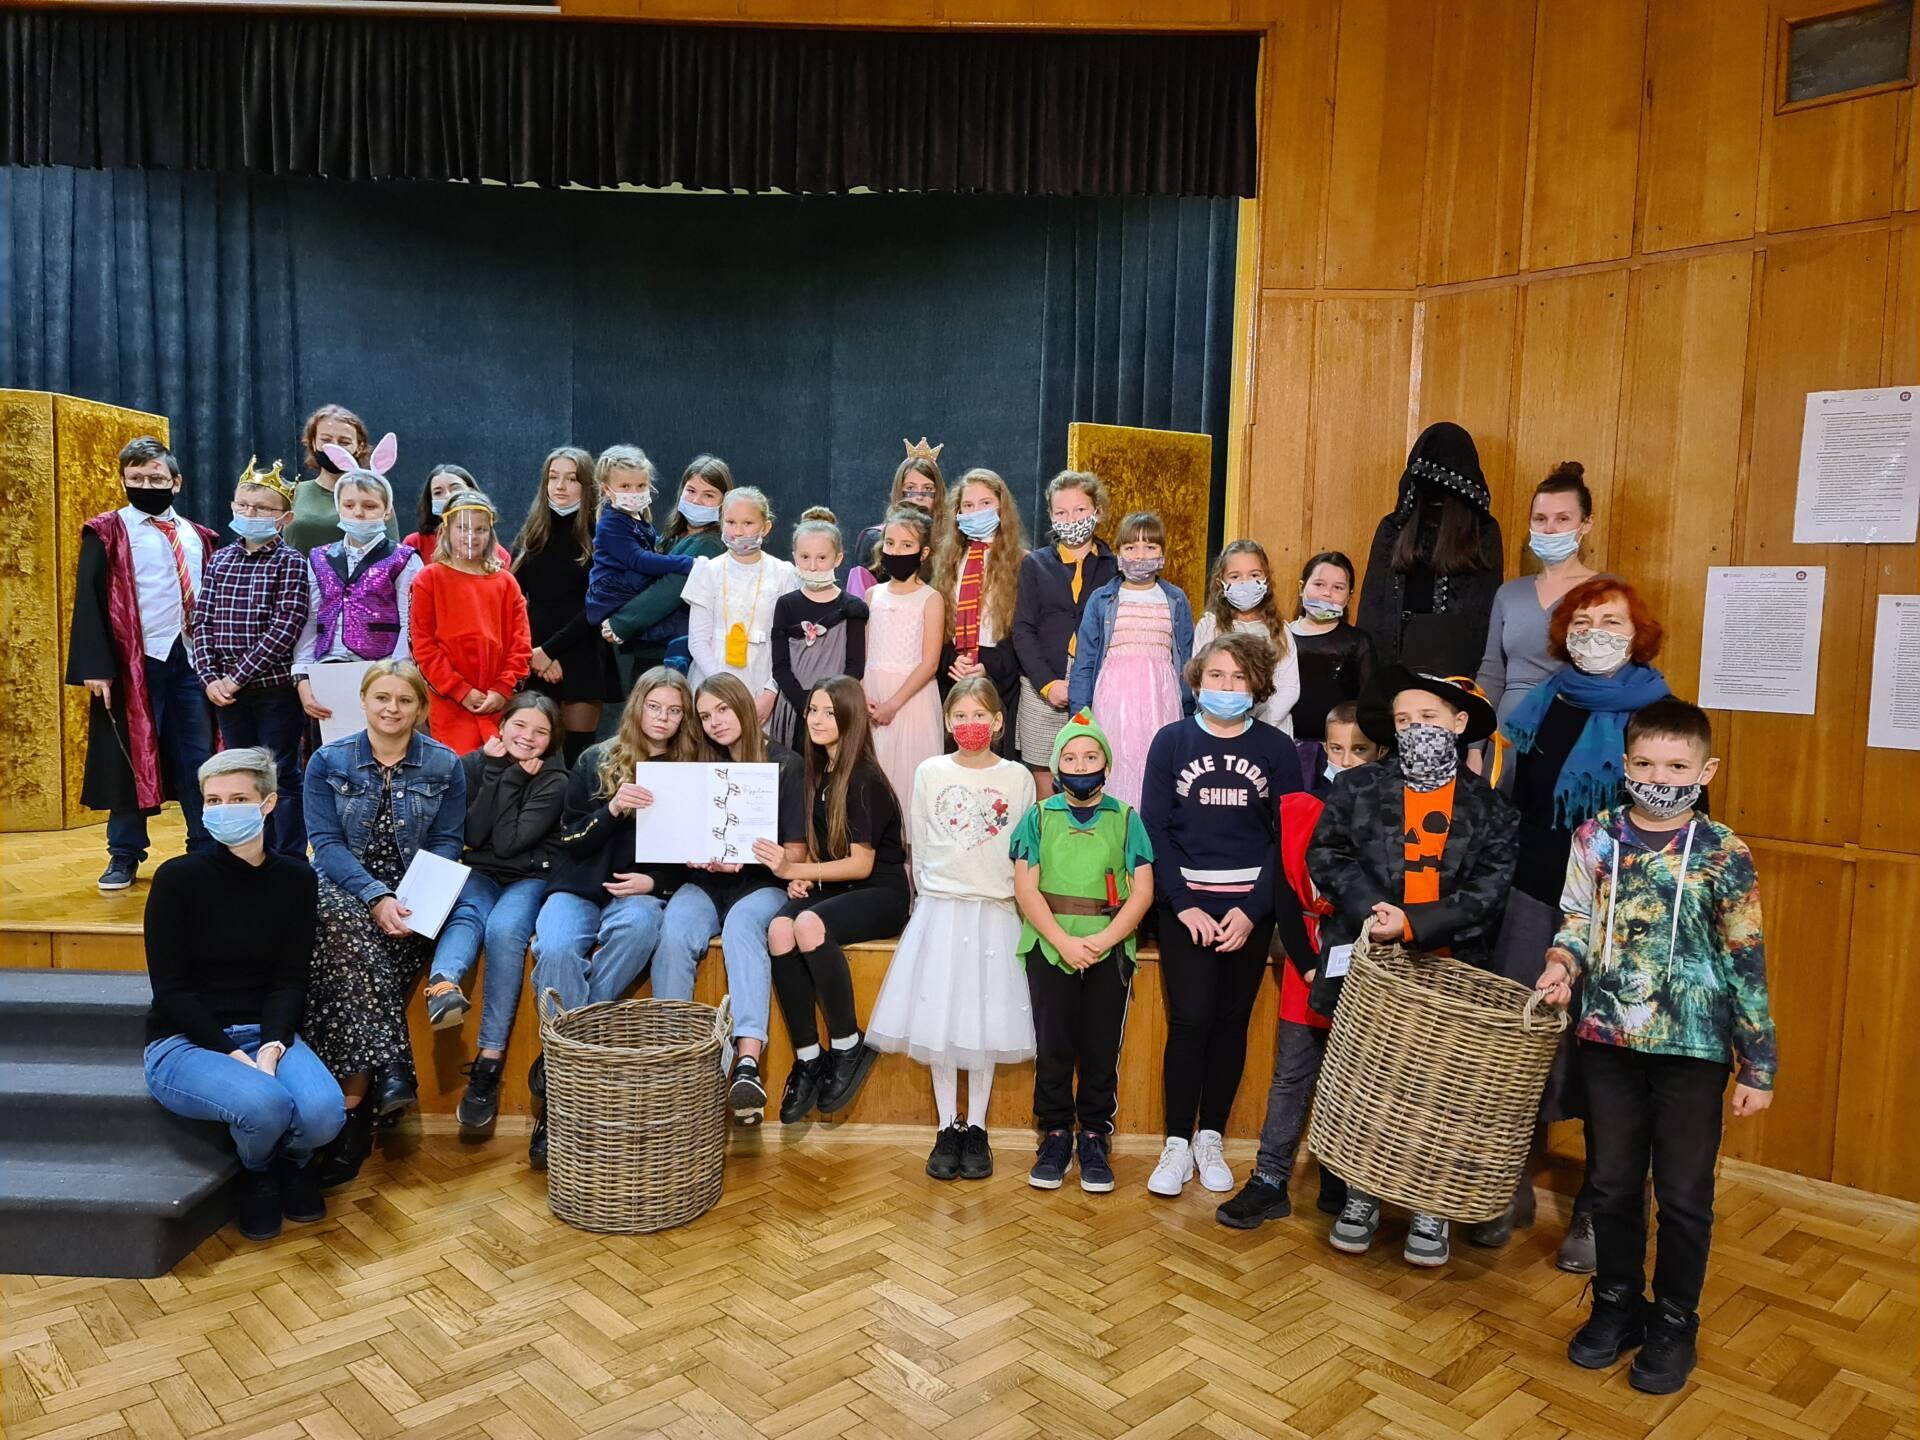 20201020 111225 Zamojskie Premiery Teatralne. Młodzi aktorzy pokazali swoje umiejętności [FOTORELACJA]